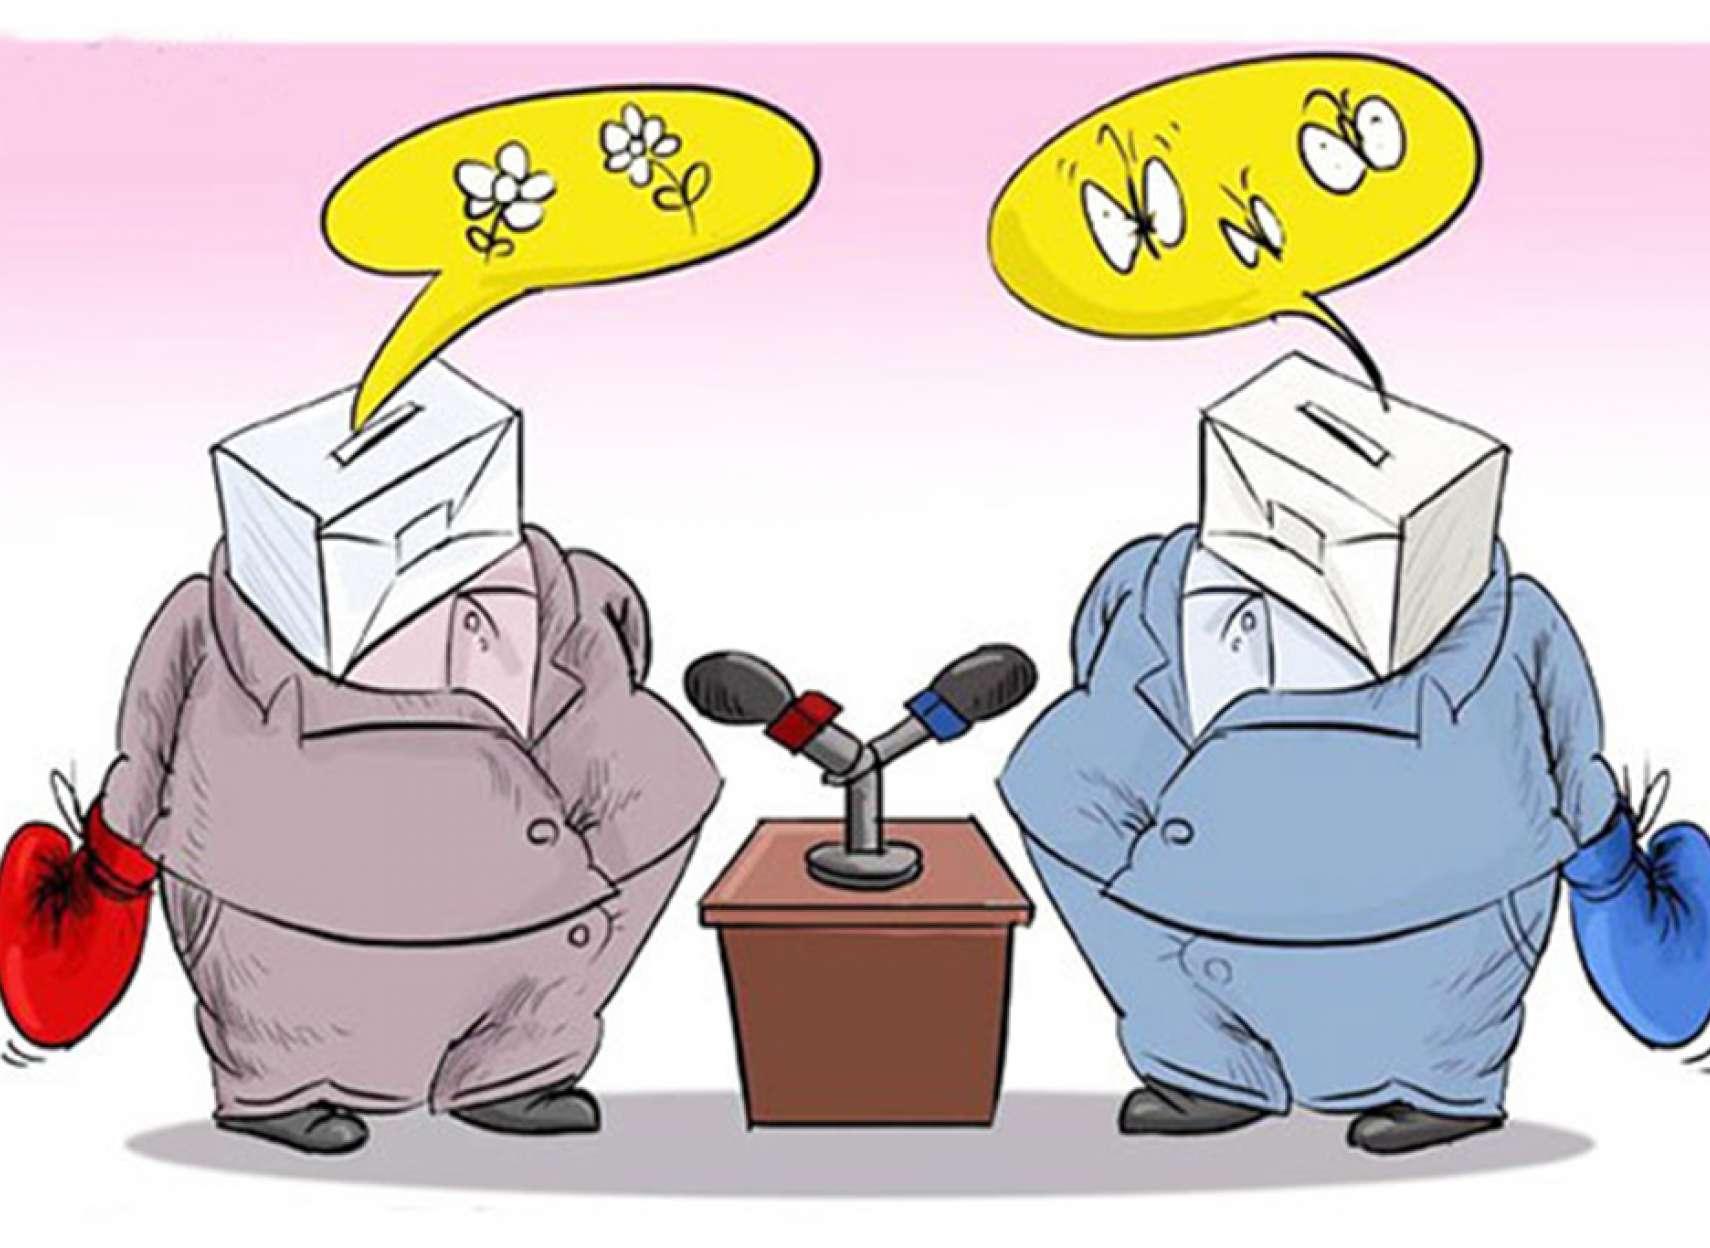 طنز-فضول-اندر-حکایت-دیدگاههای-استاد-فضولی-درباره-انتخابات